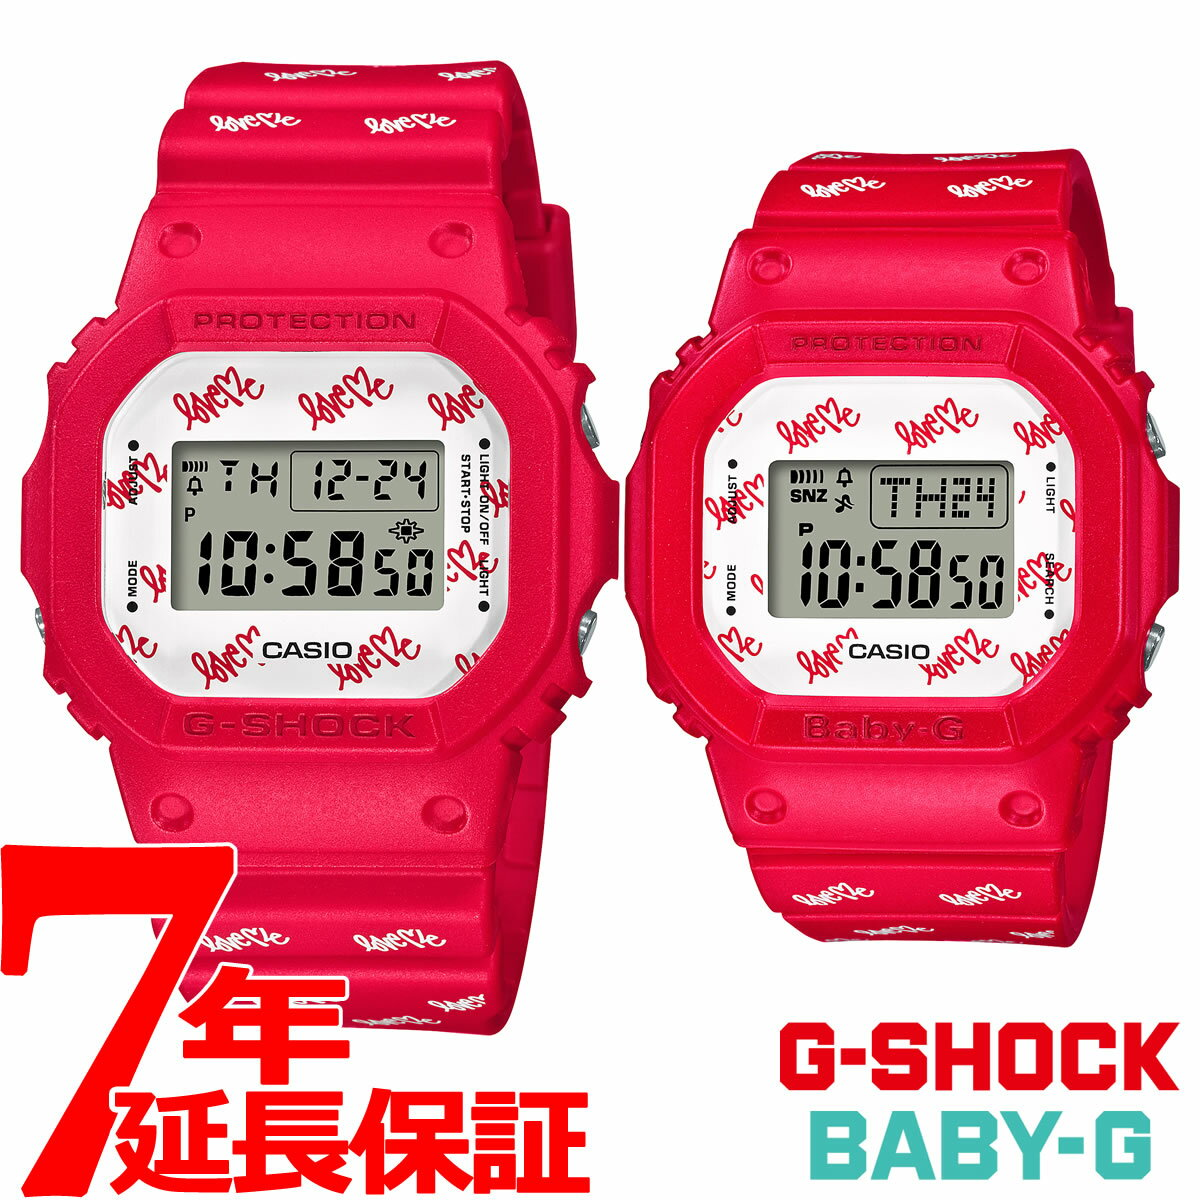 腕時計, メンズ腕時計 2000OFF58.5 CASIO 2020 G G-SHOCK G BABY-G LOV-20B-4JR2020